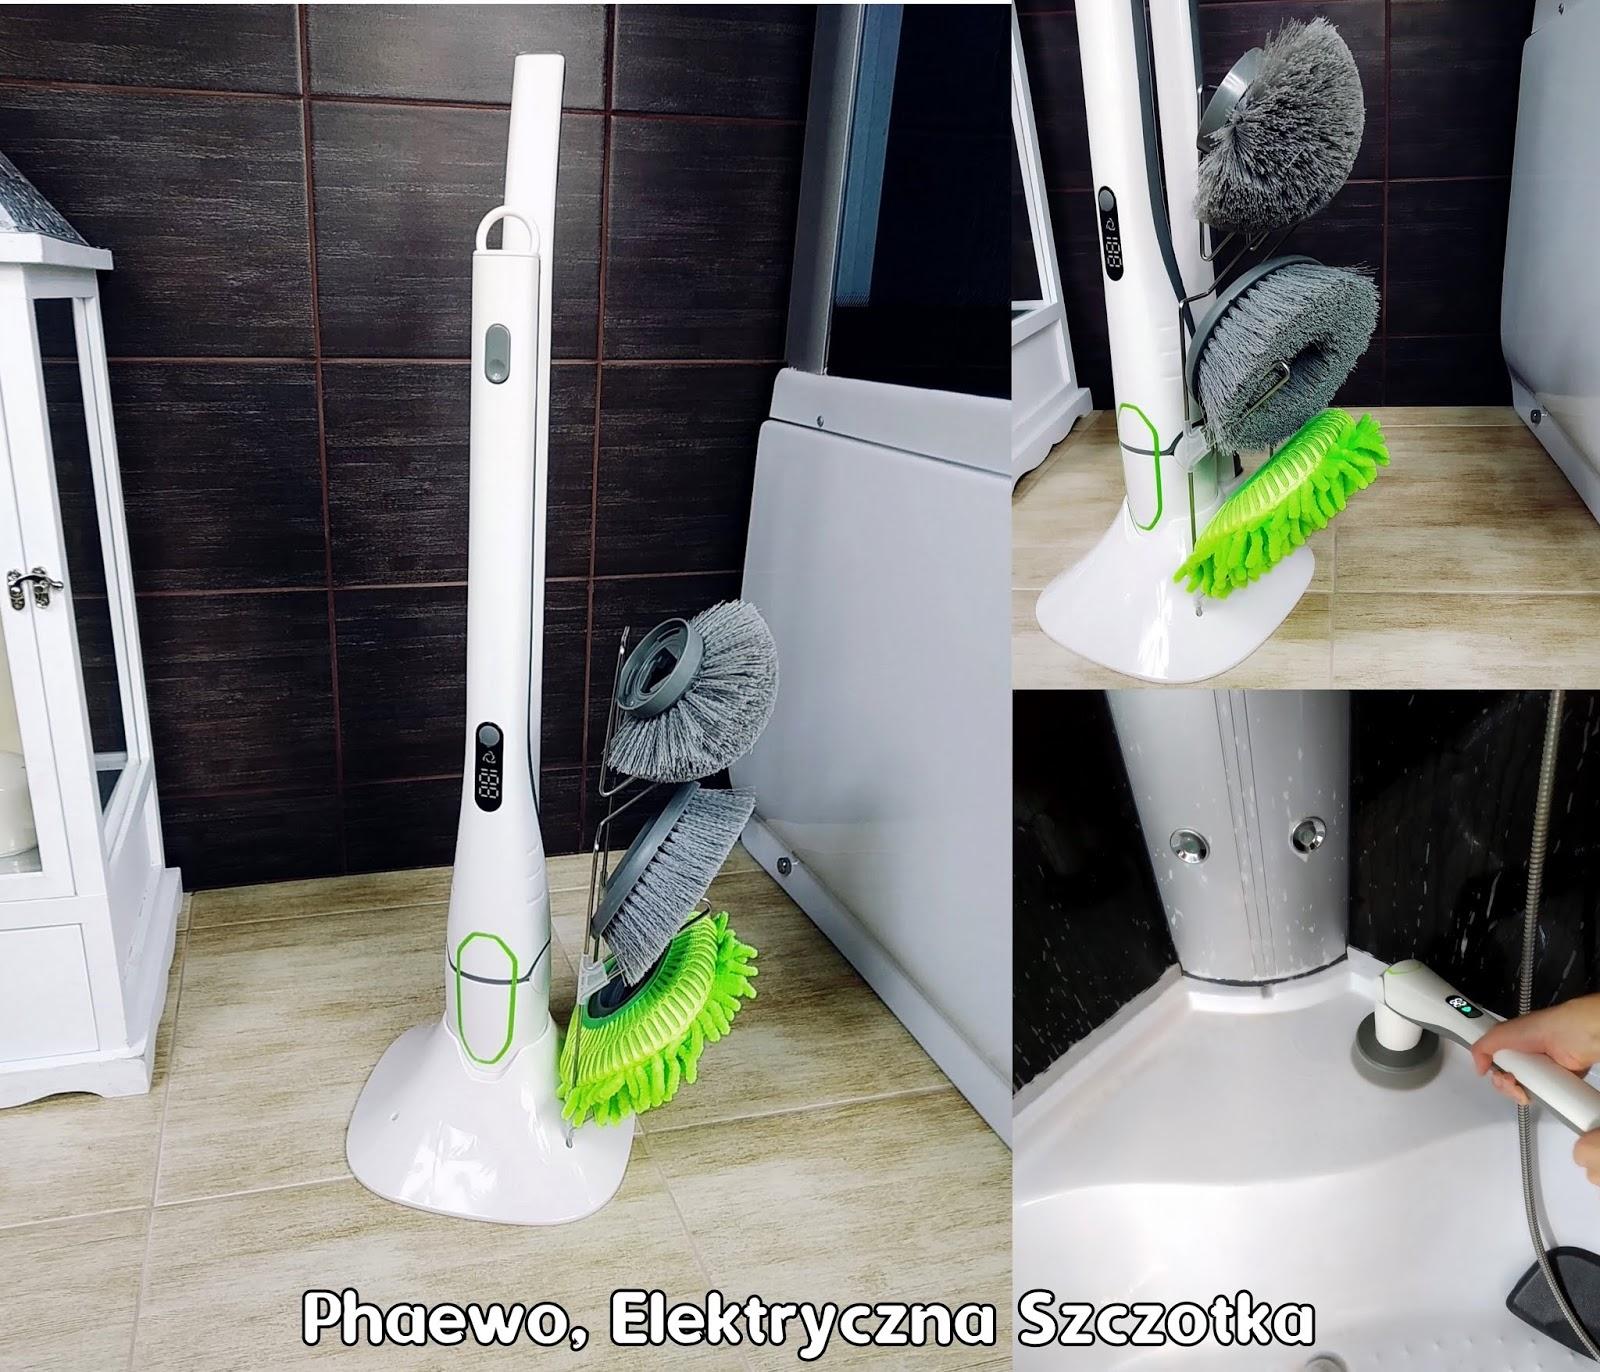 Szczotka elektryczna PHAEWO - sprzątanie dawno nie było tak proste!